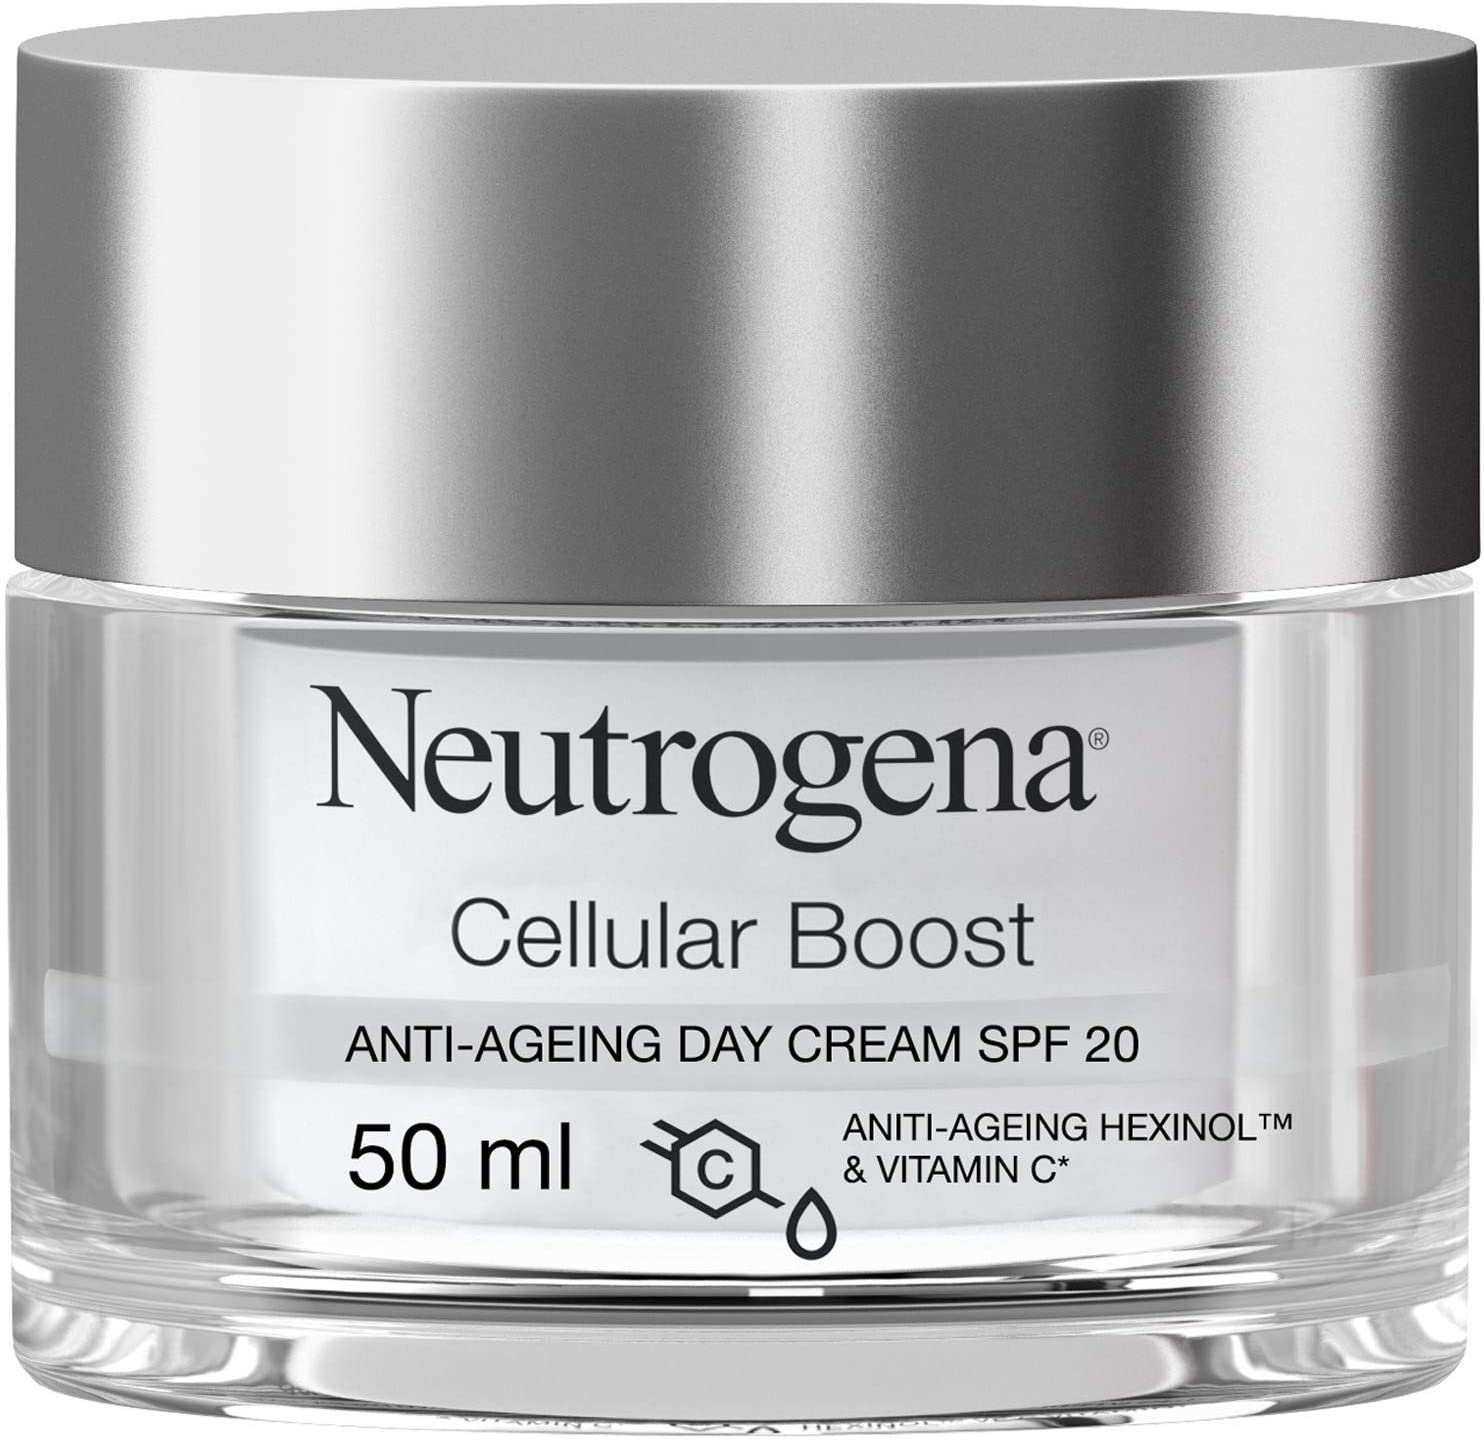 Neutrogena Cellular Boost Yaşlanma Karşıtı Gündüz Kremi Spf 20 50ml, 40 ml